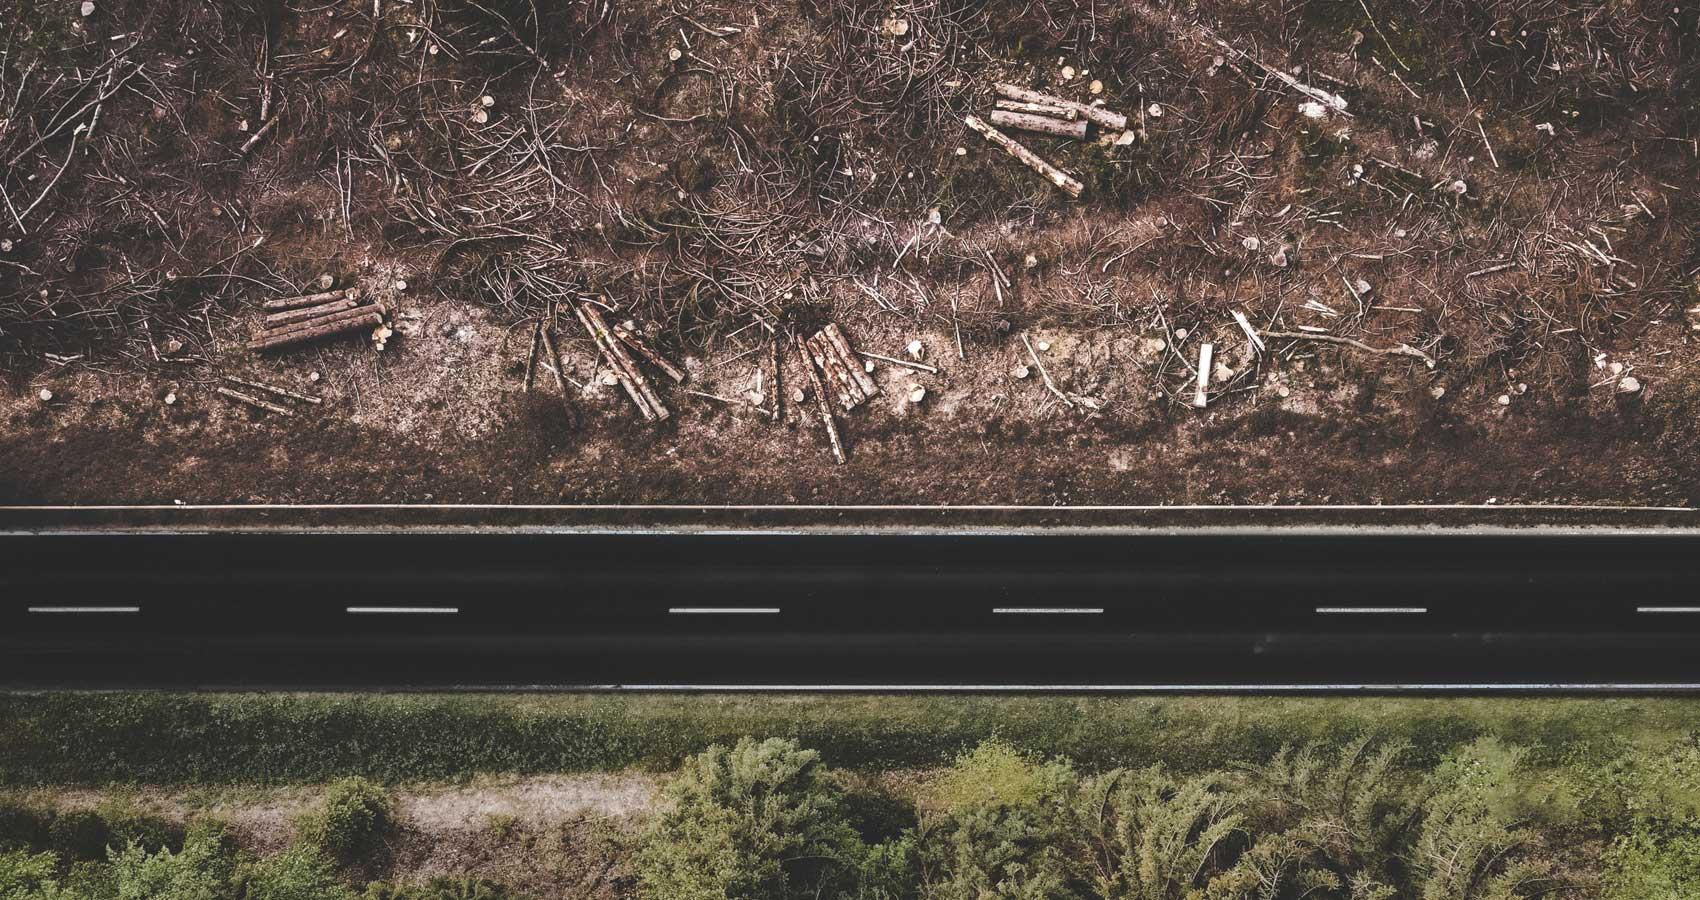 Deforestation, a poem by Adithya Patil at Spillwords.com